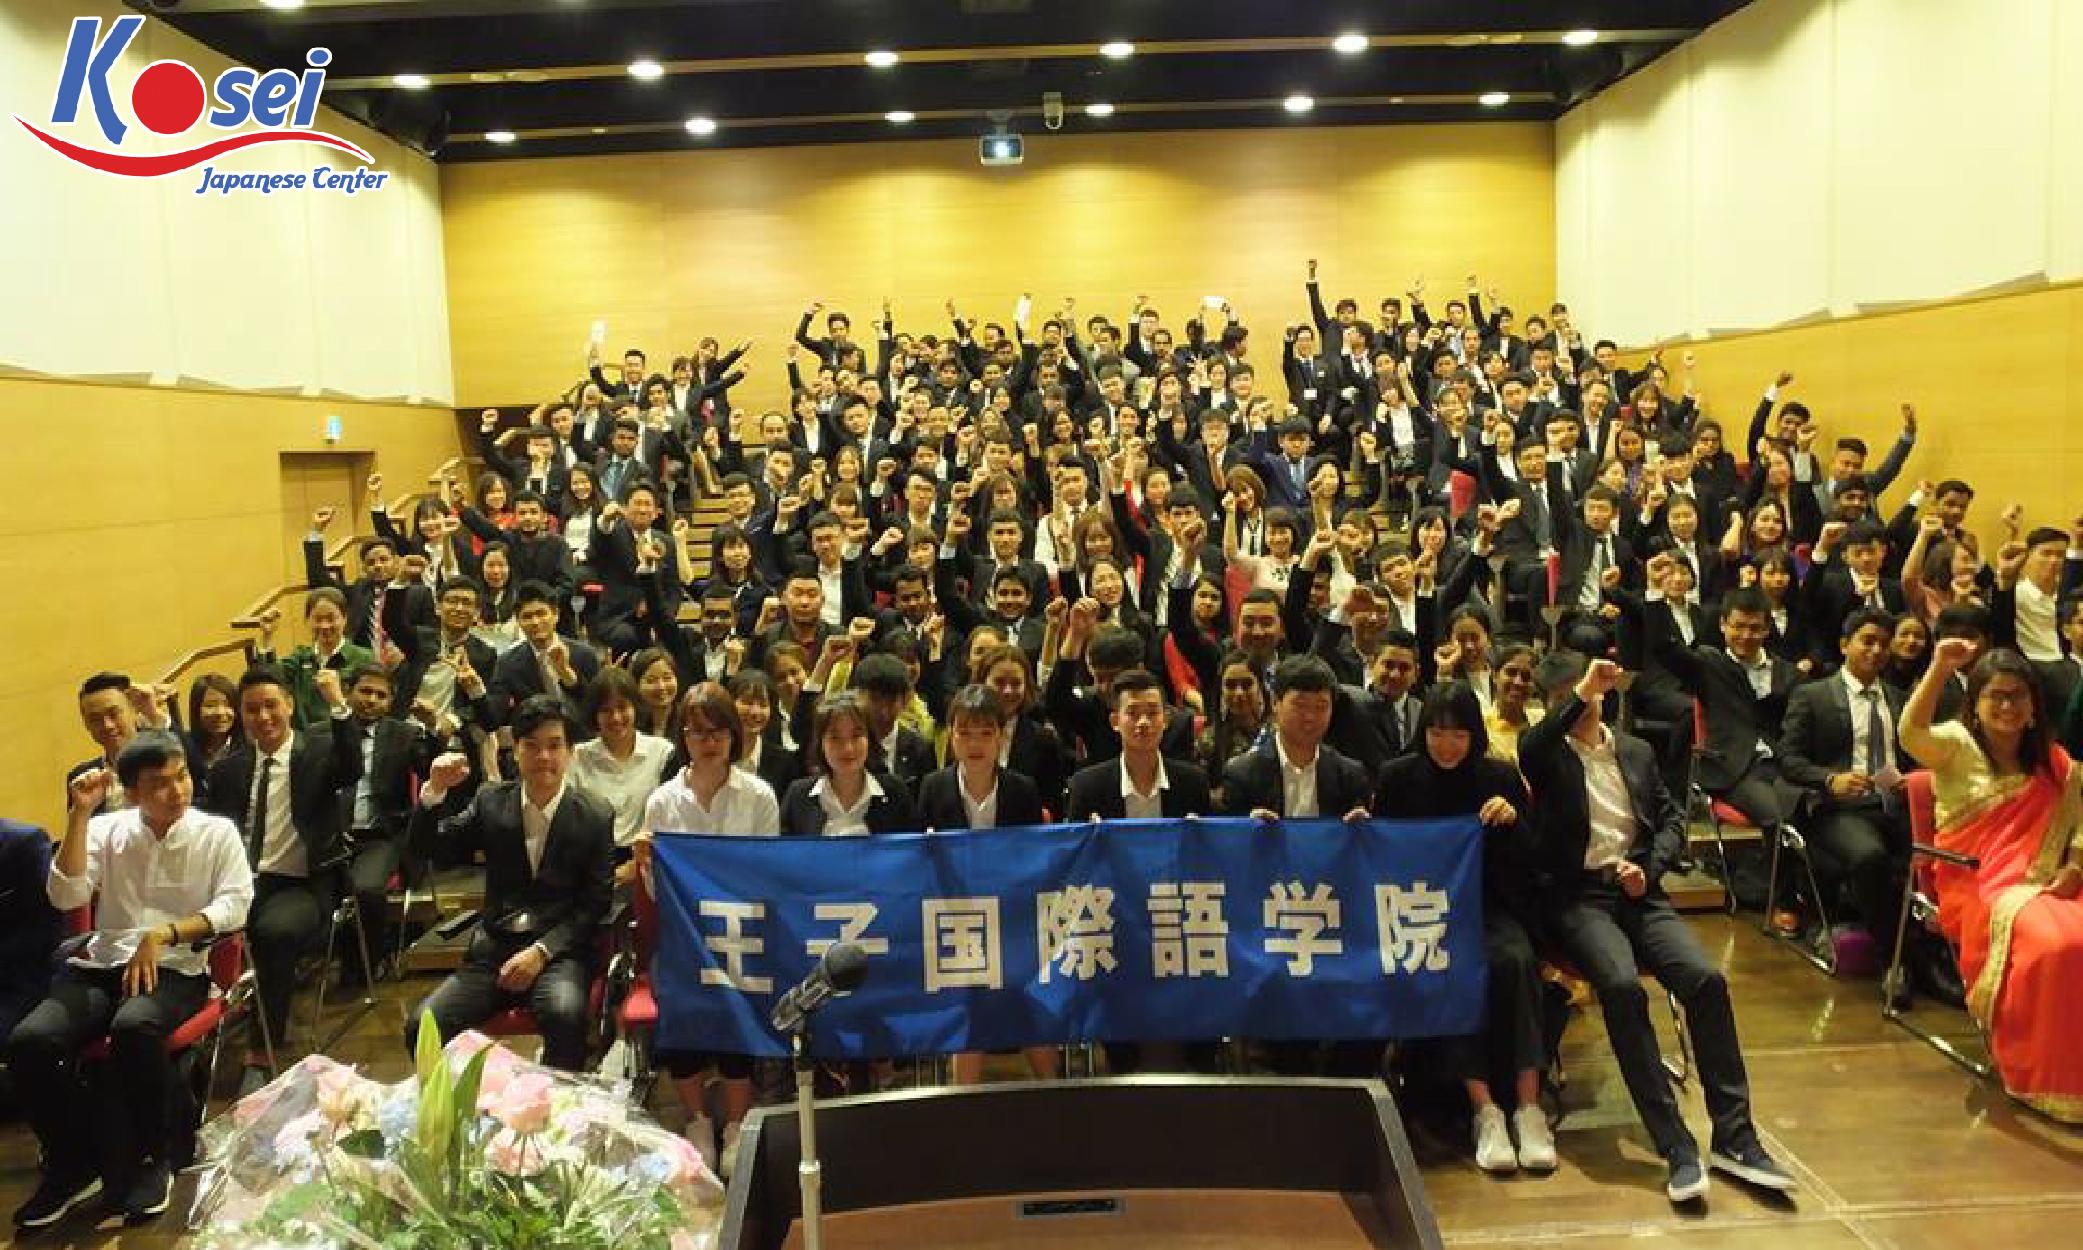 DÀNH cho du học sinh Việt Nam-Trường ngôn ngữ quốc tế Oji ở Nhật Bản